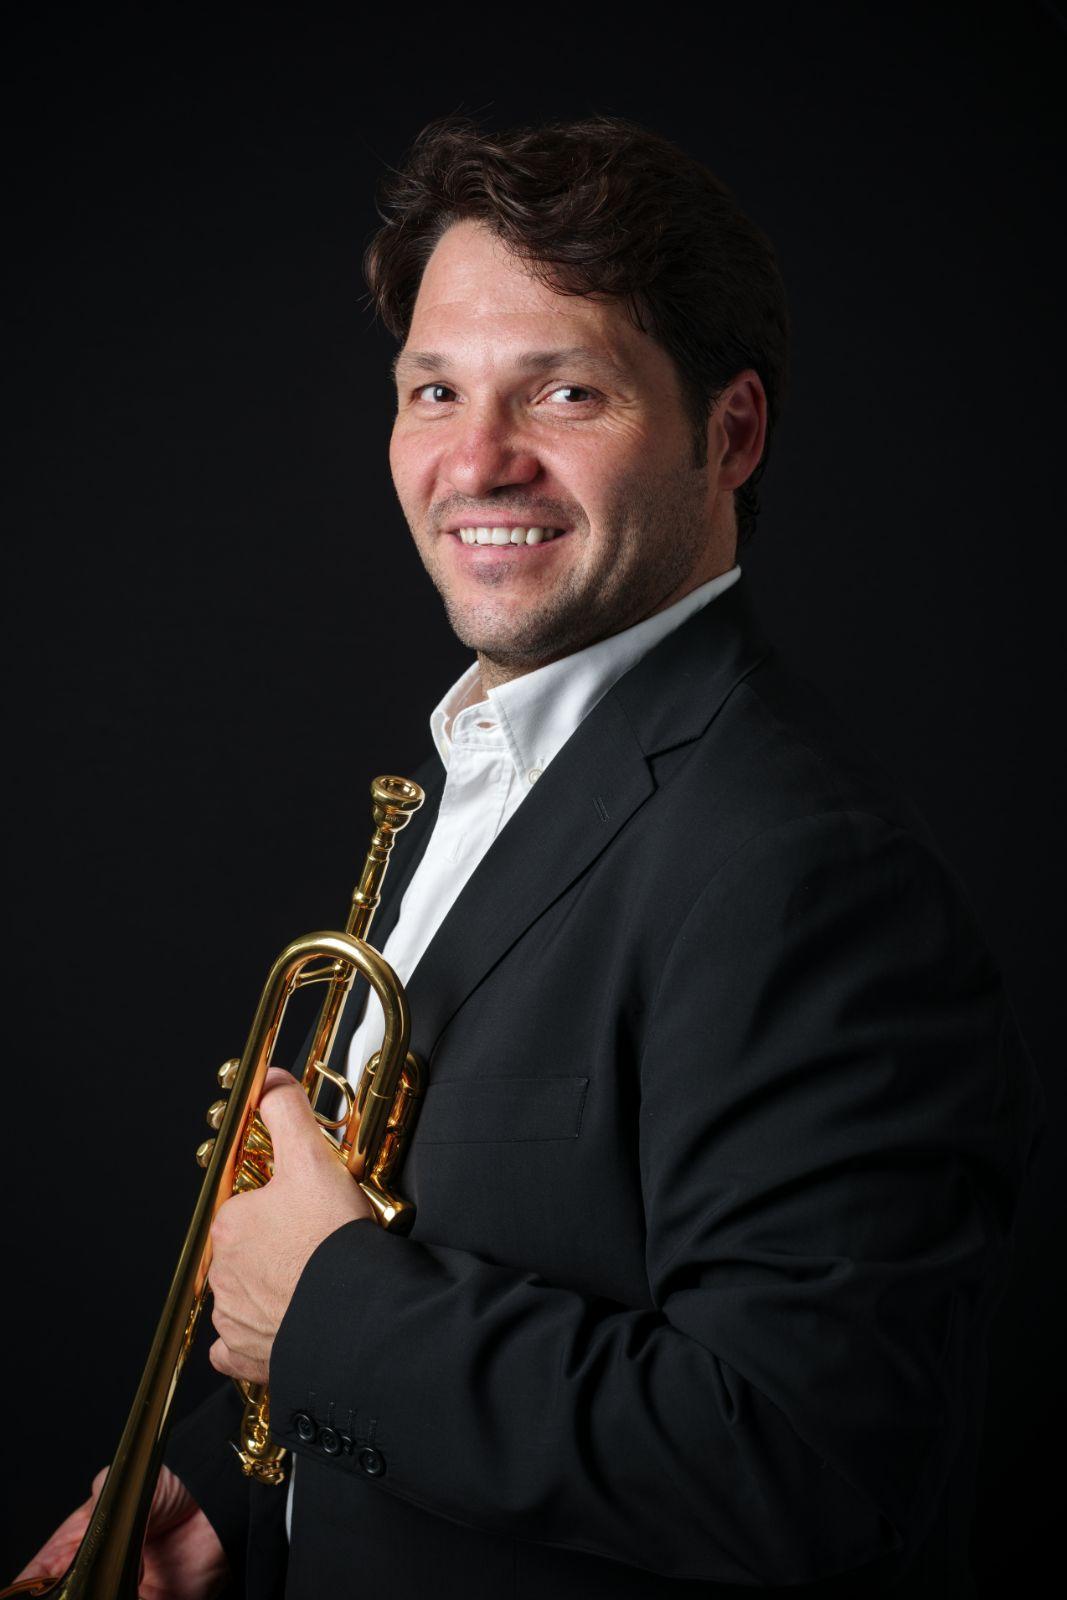 Raul Junquera